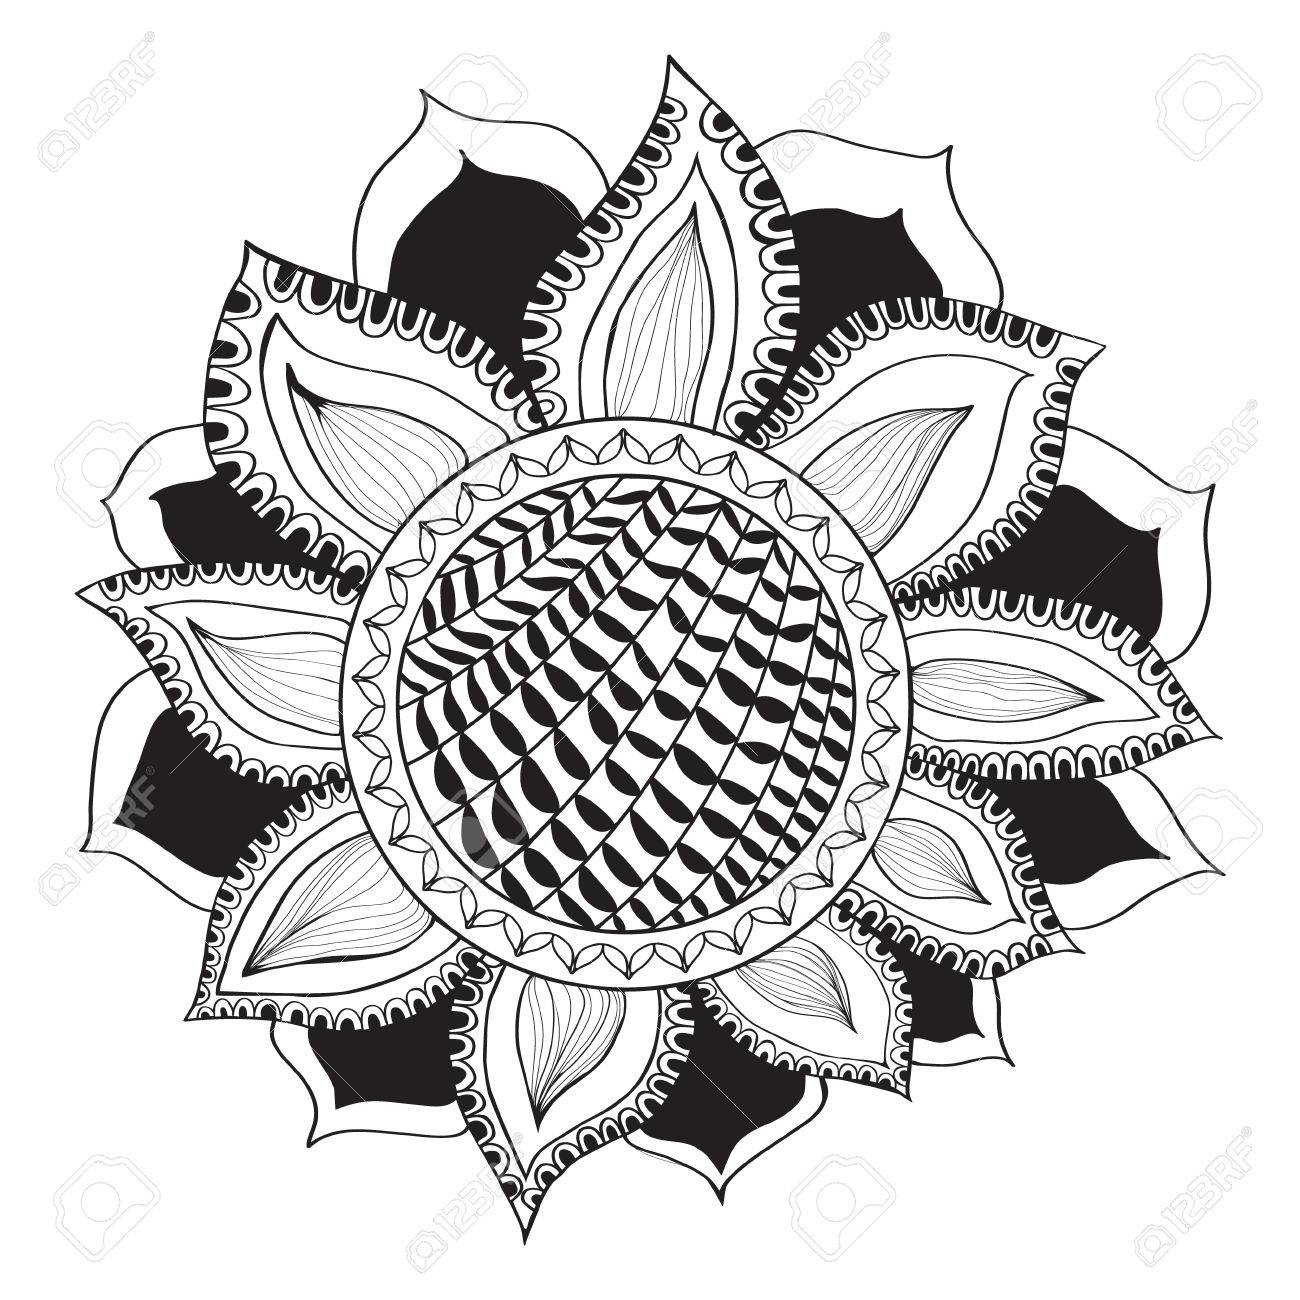 Sonnenblume Im Doodle-Stil. Ausmalbilder - Sonnenblume, Design Für ...